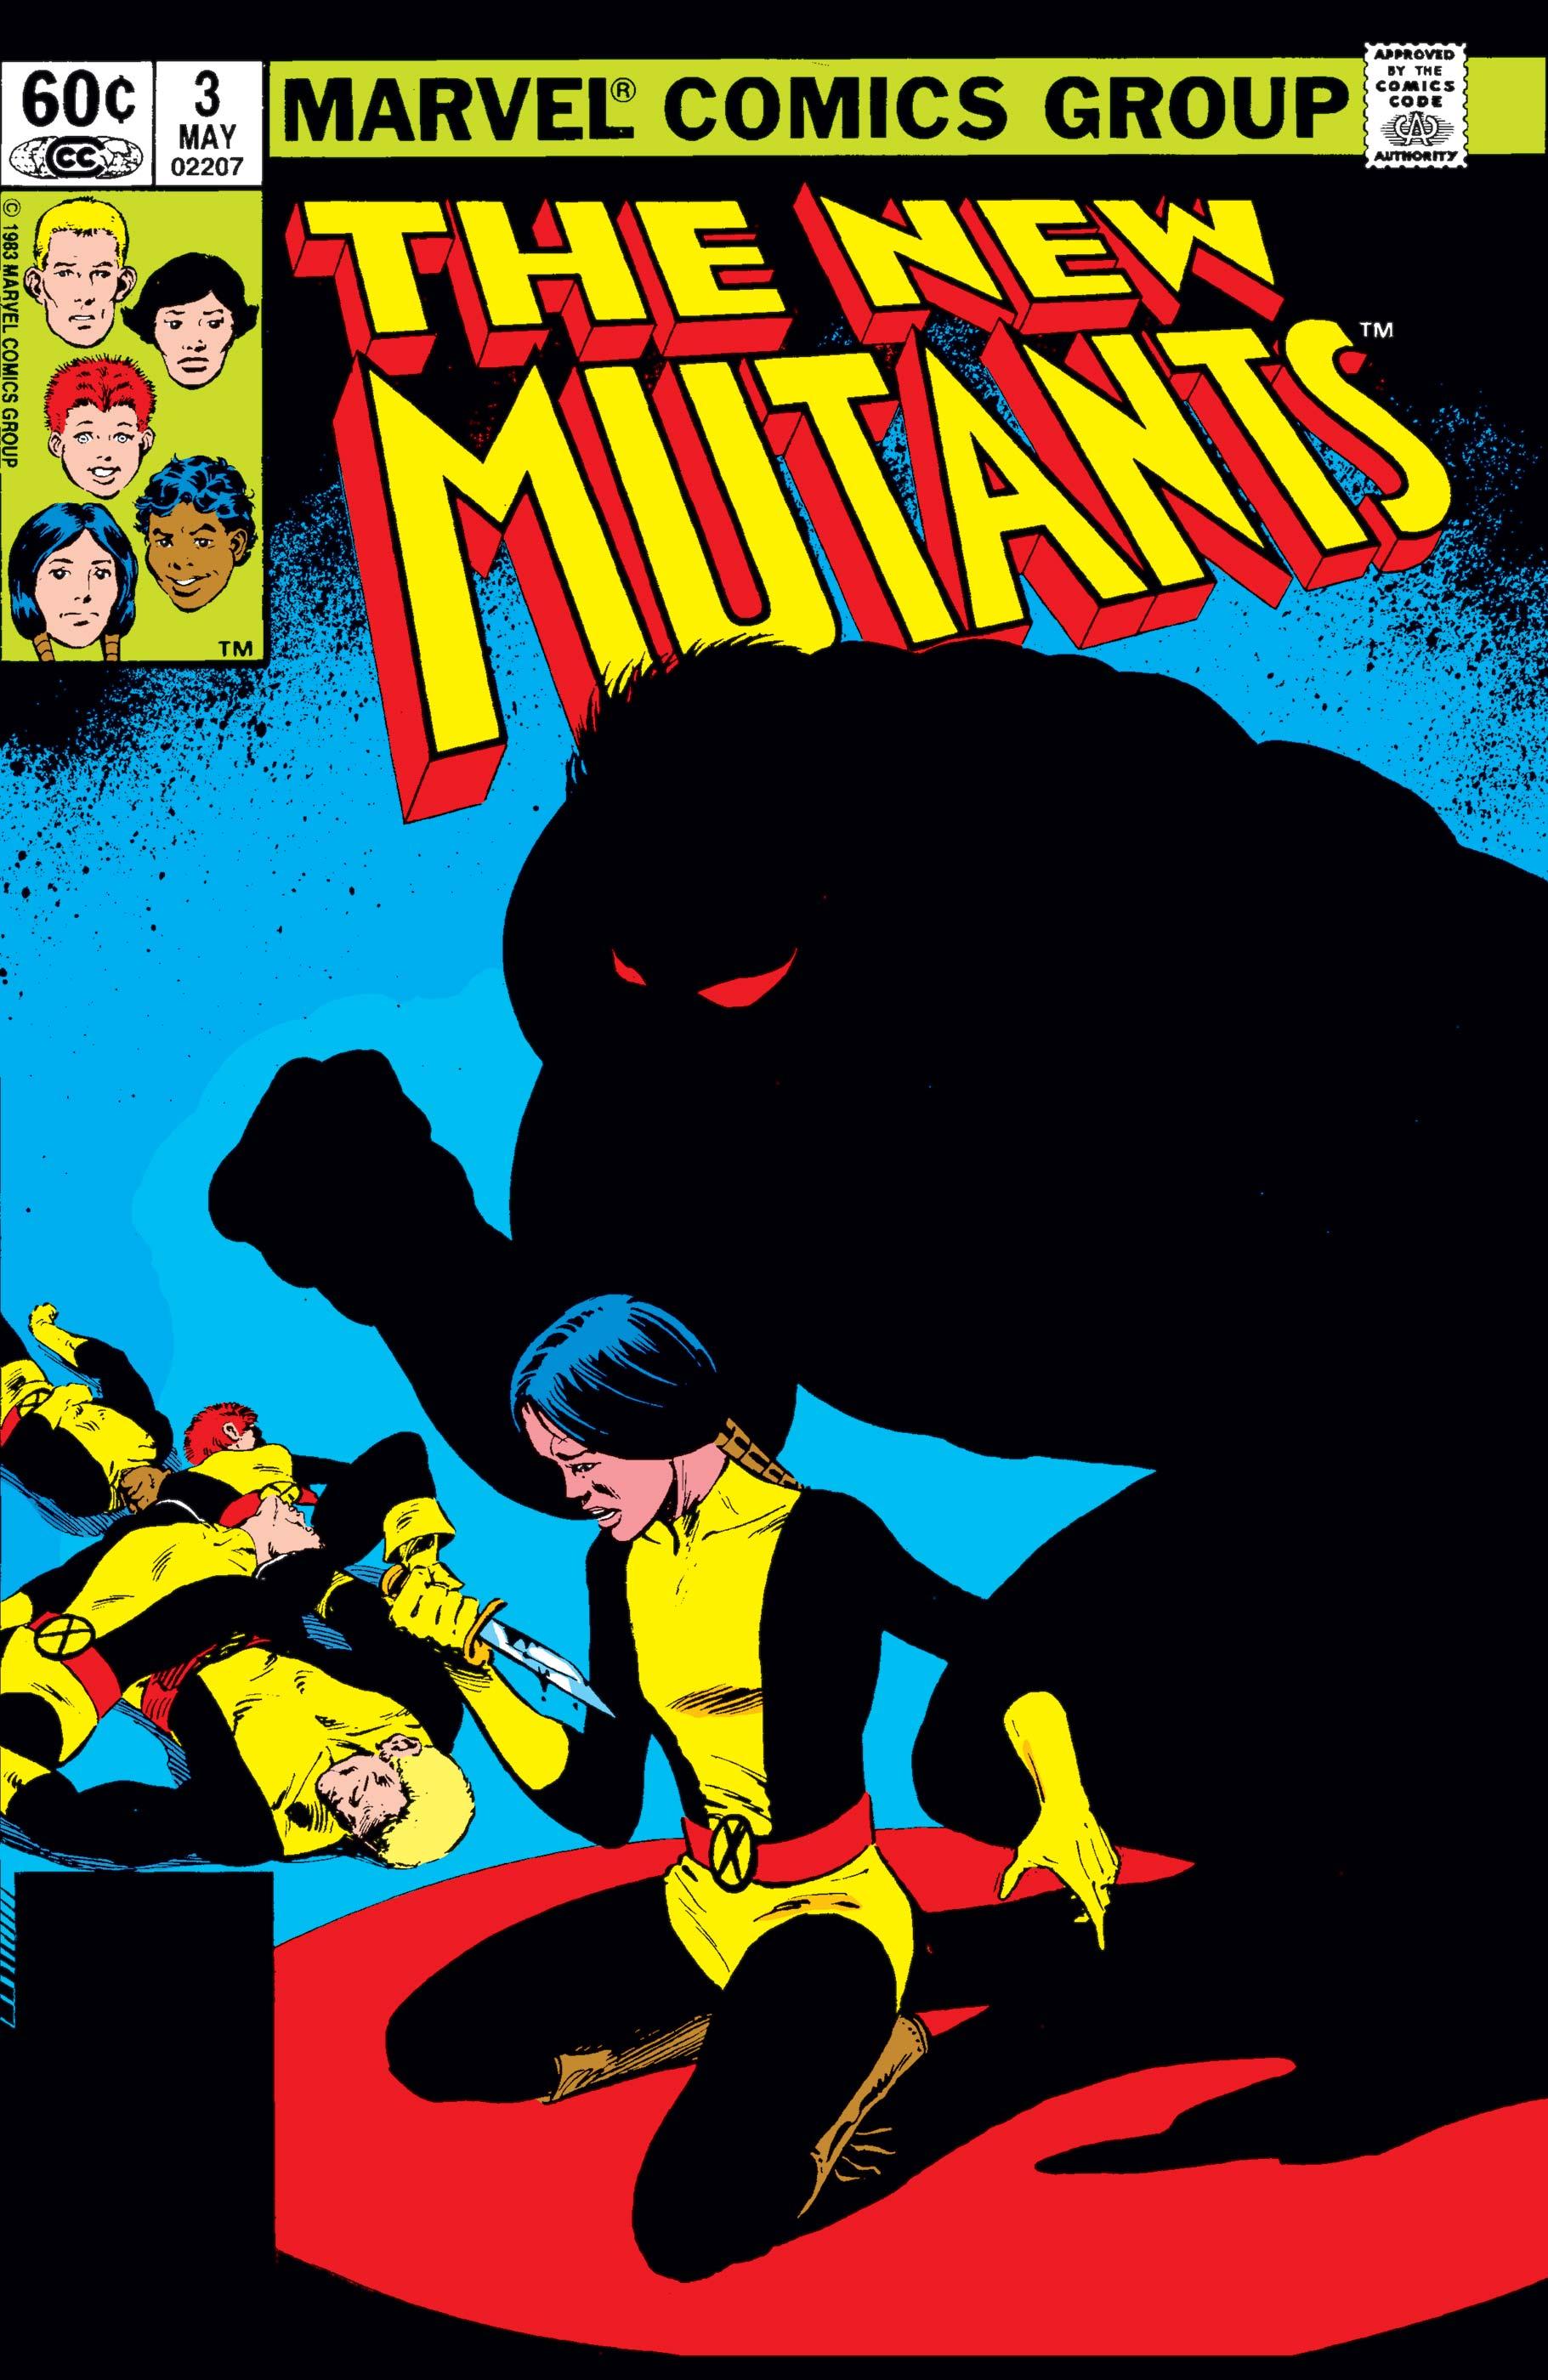 New Mutants (1983) #3